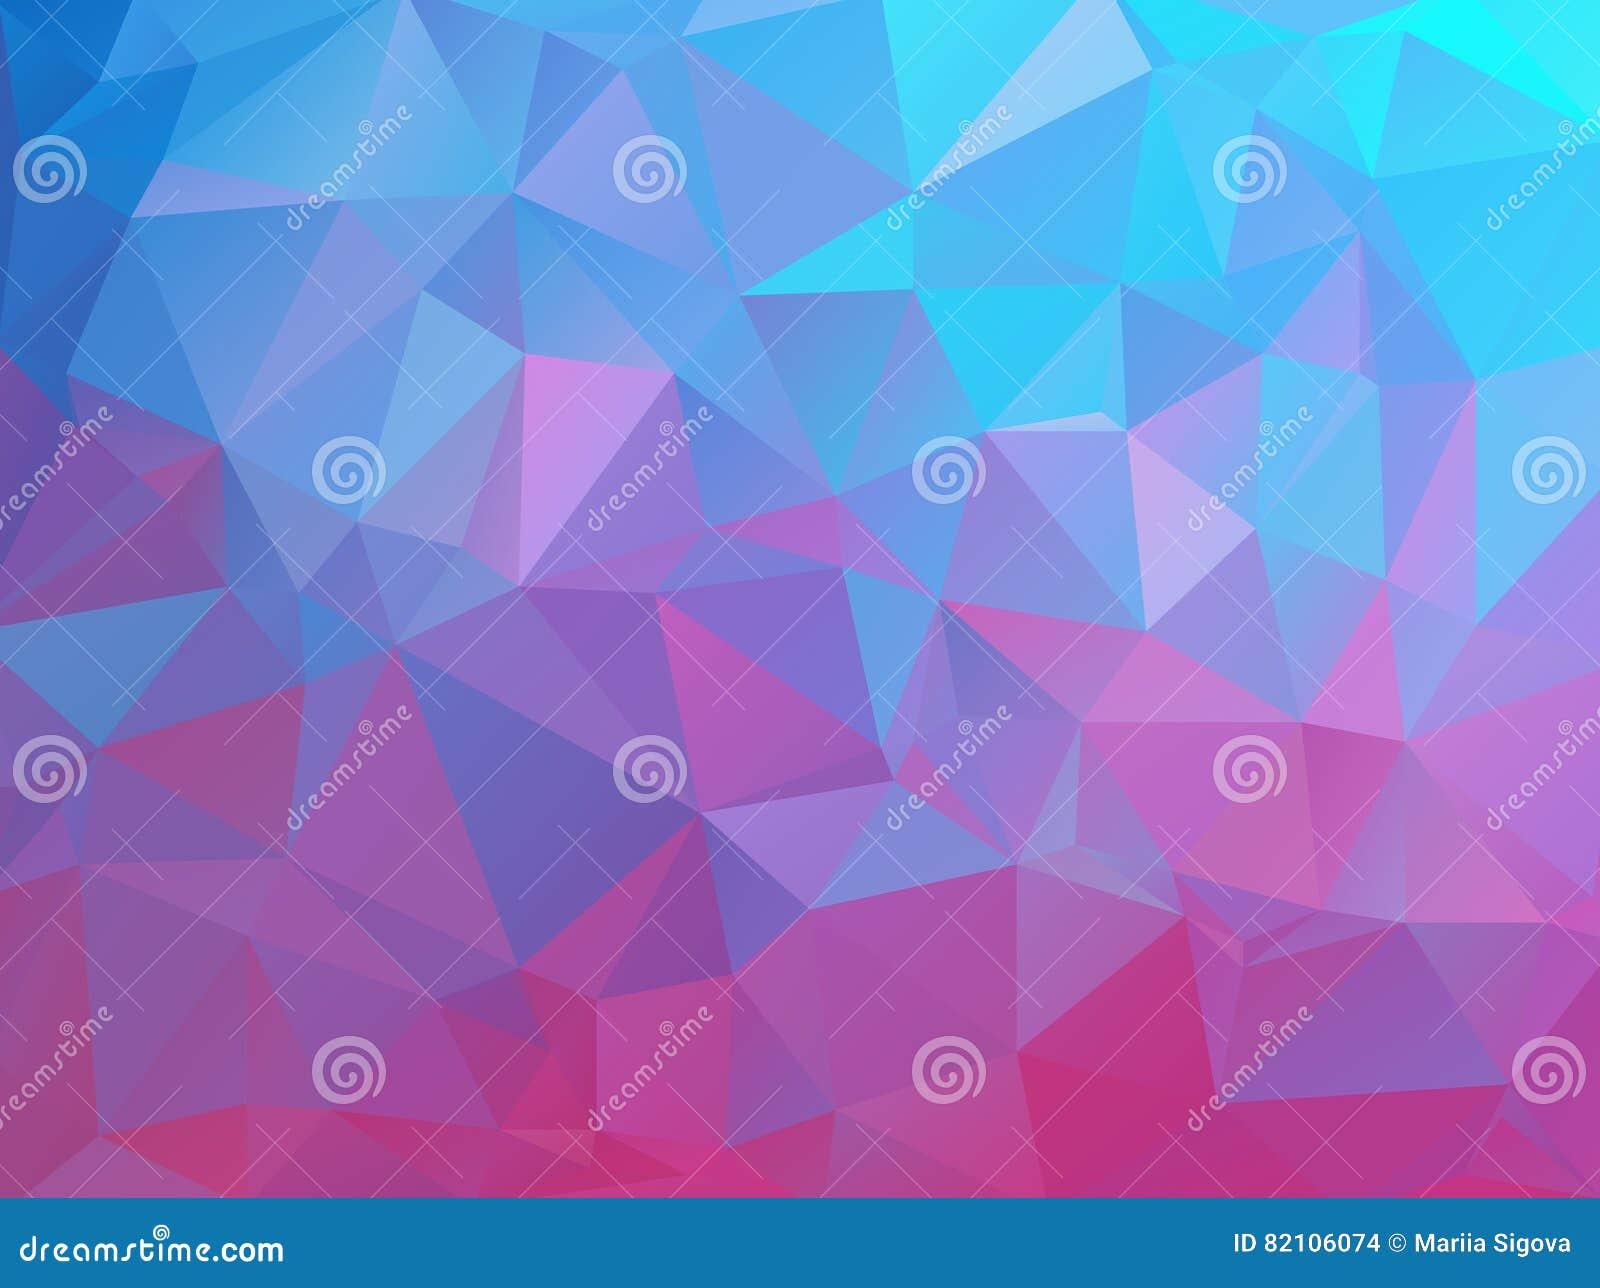 Fondo De Pantalla Abstracto Bolas Azules: Fondo Azul Abstracto Líneas Azules Brillantes Rayas Azules